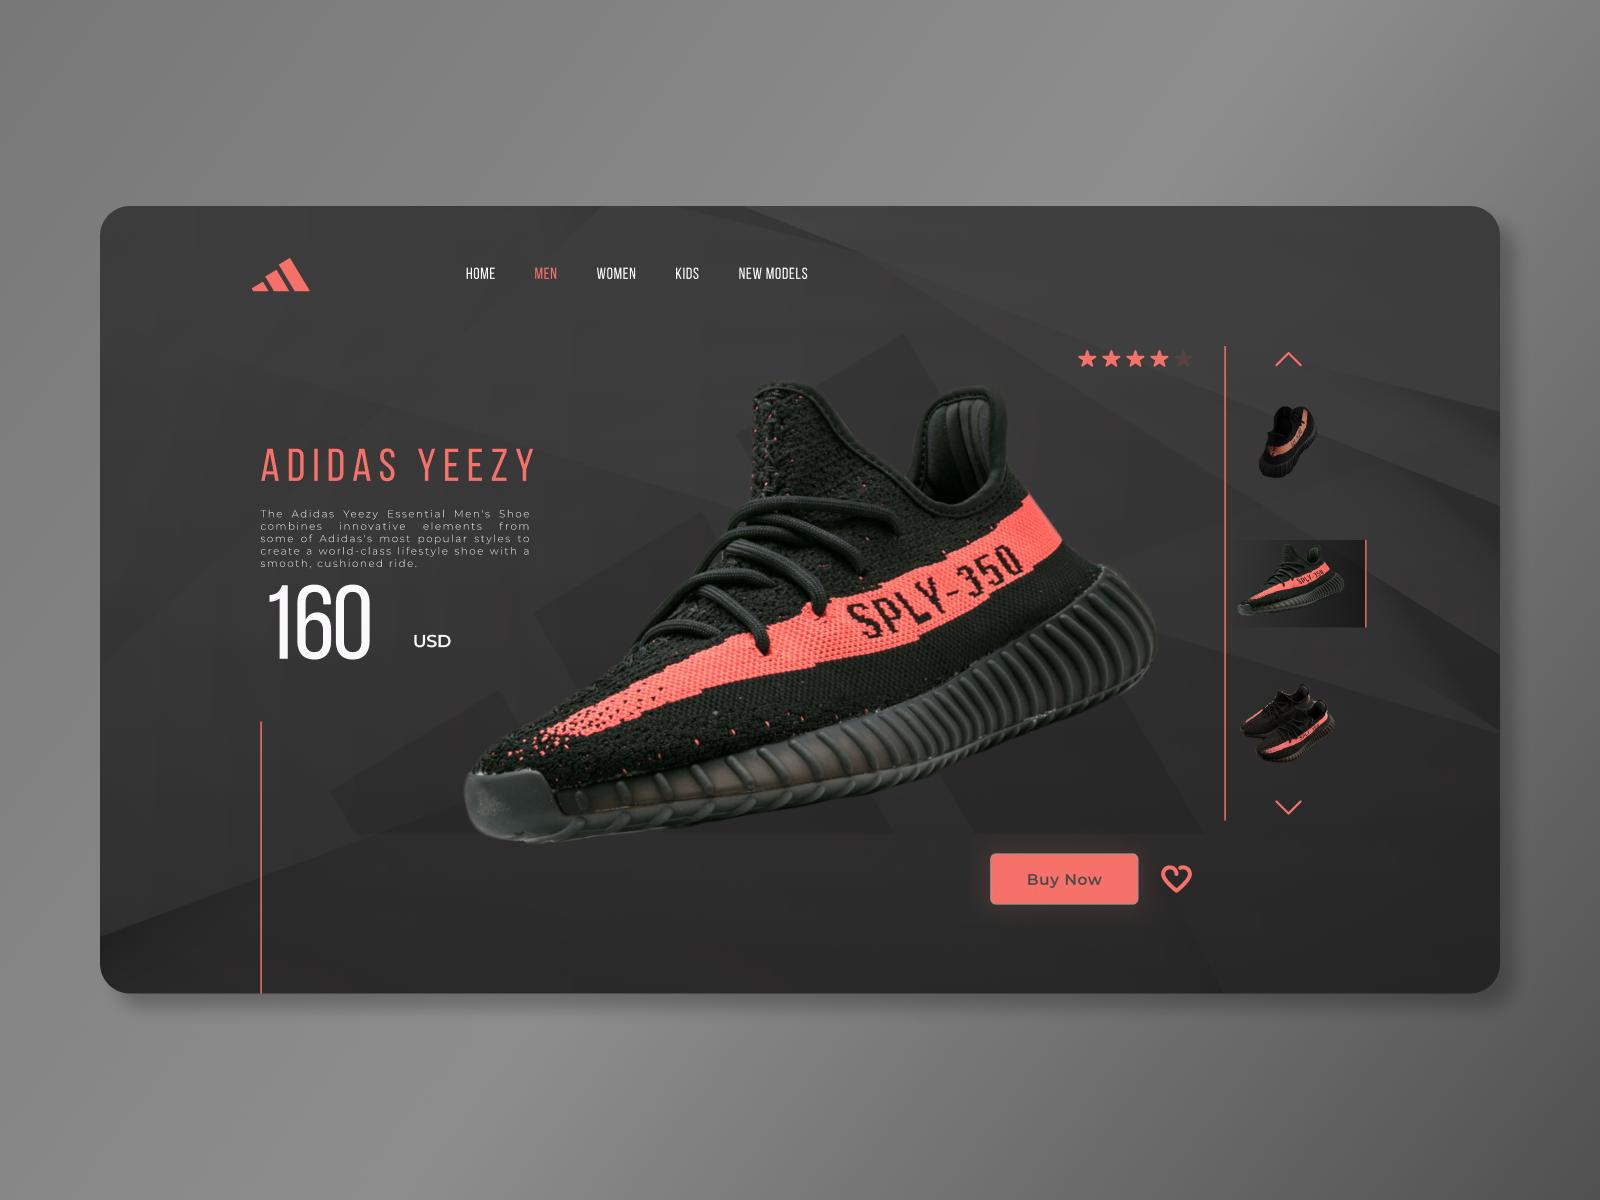 Adidas Yeezy - Web UI by Ilija